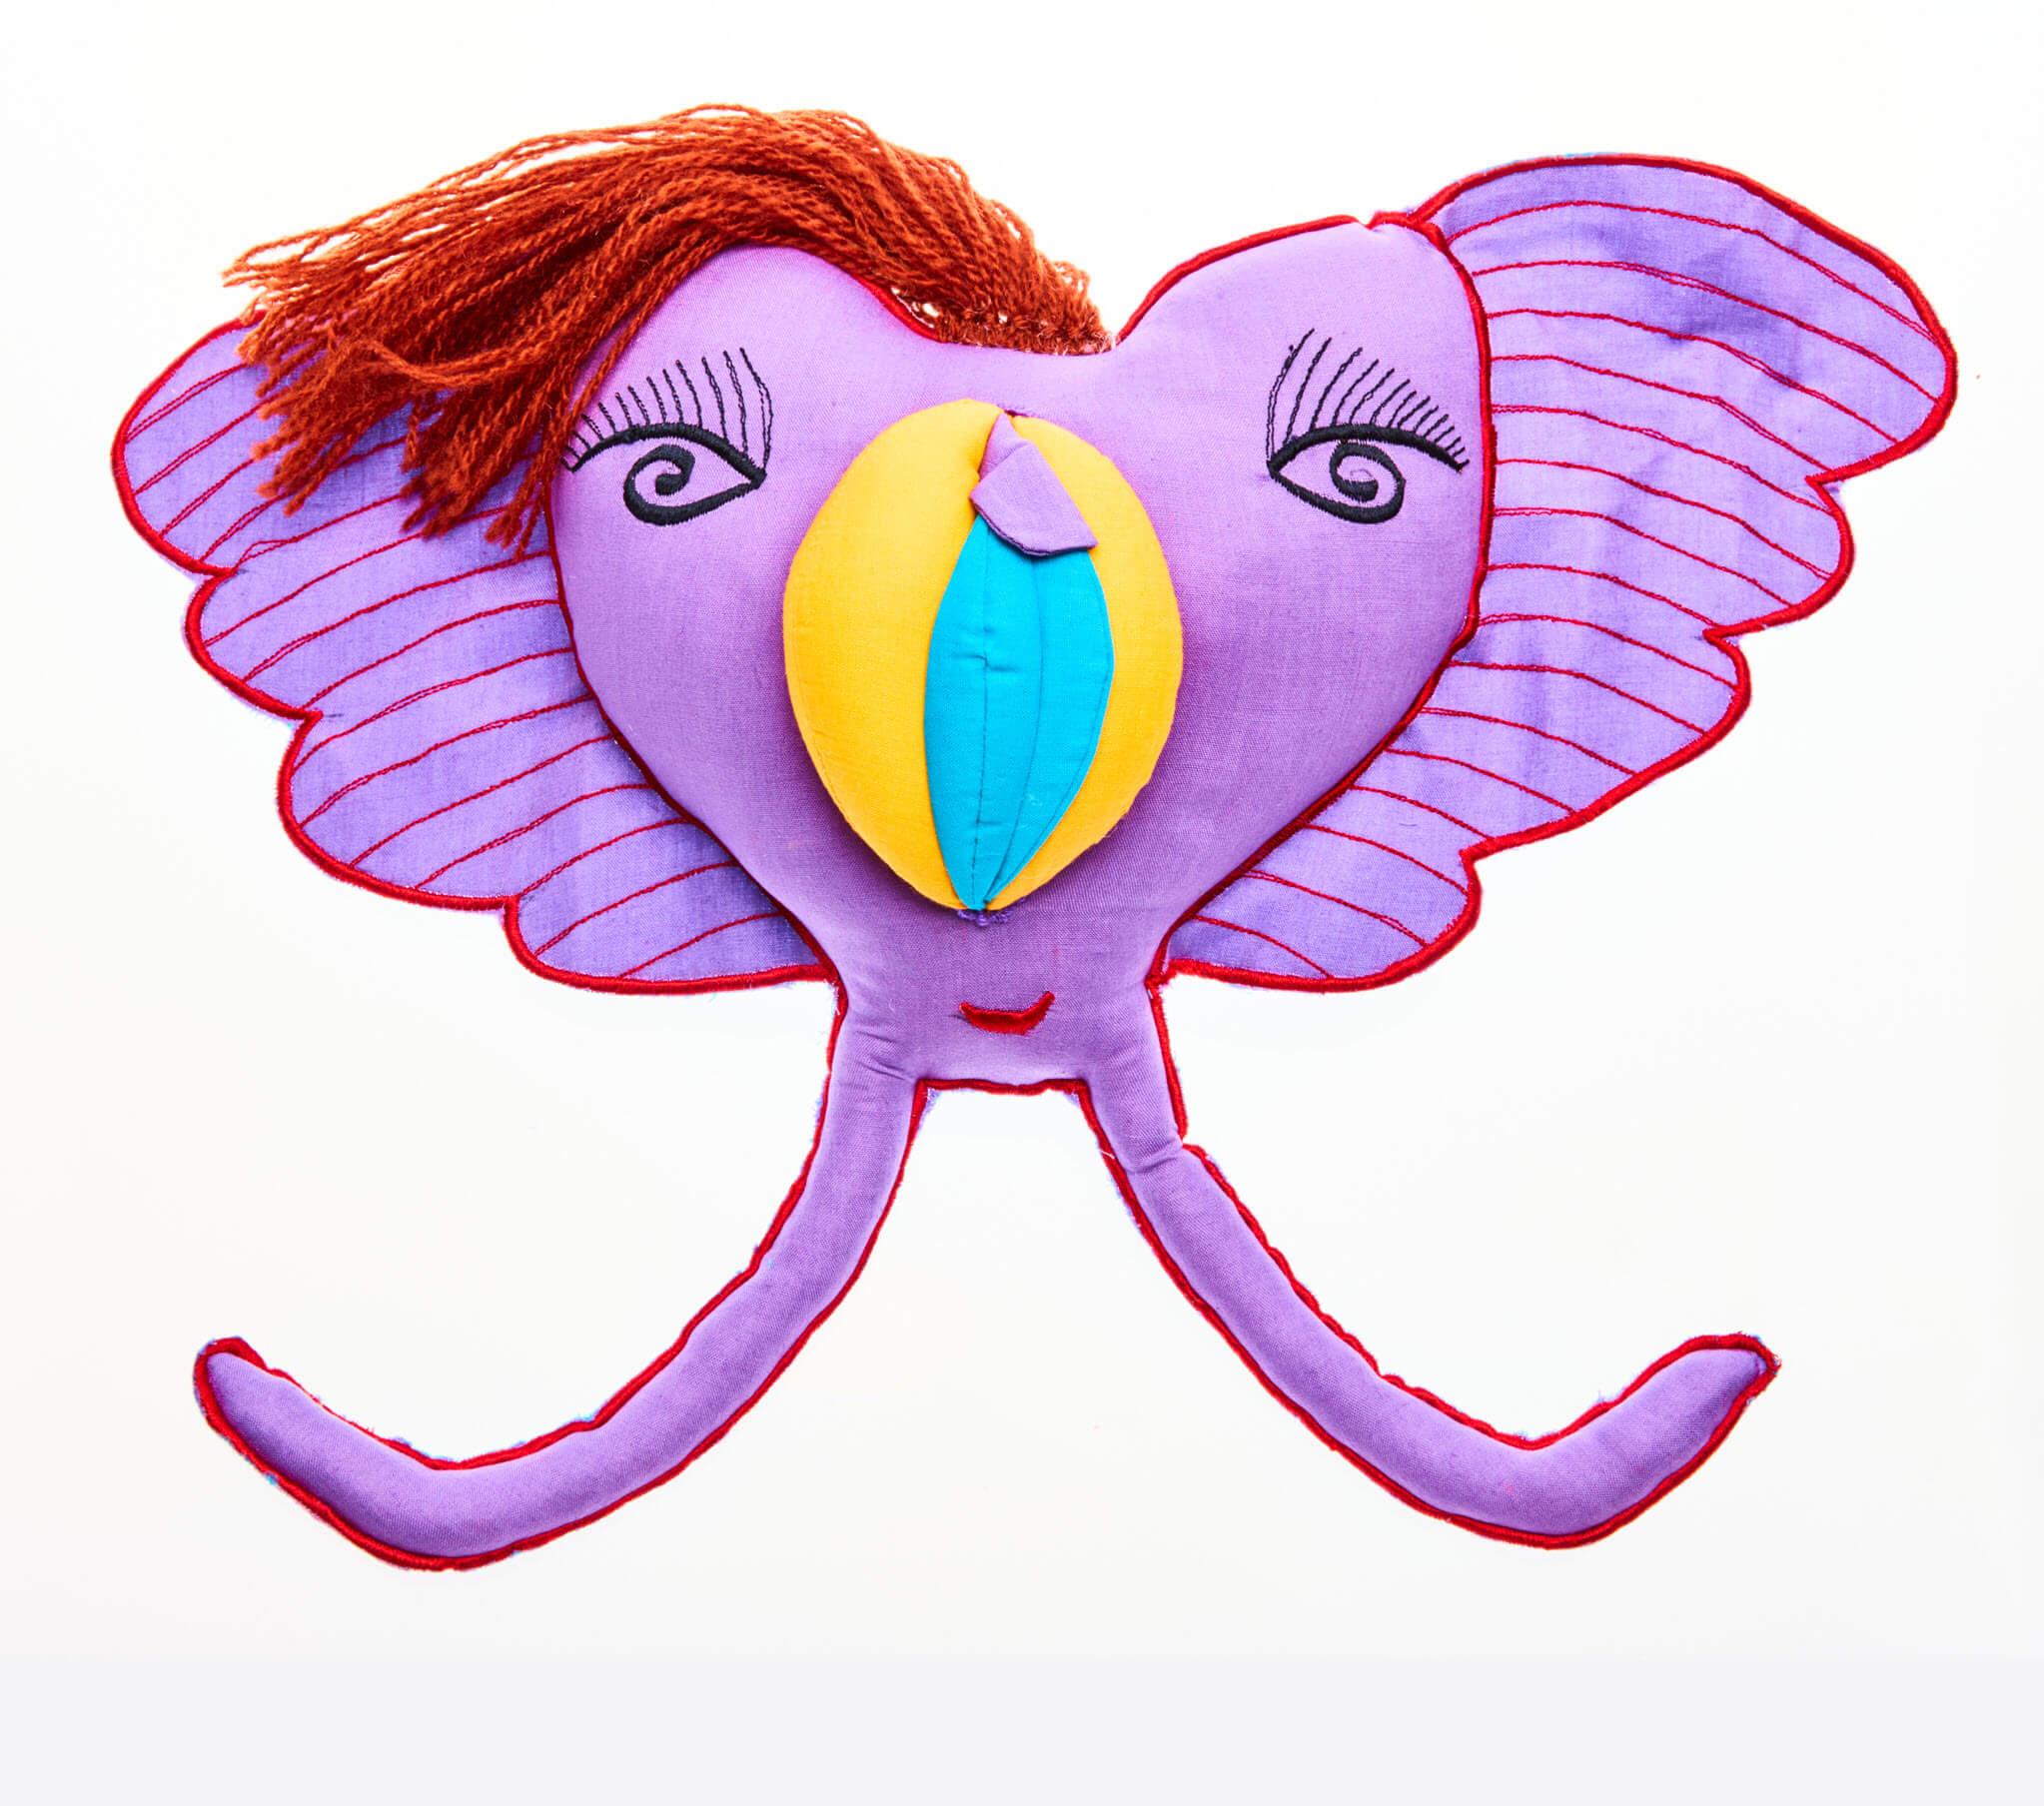 My Little Yoni vulva doll in purple